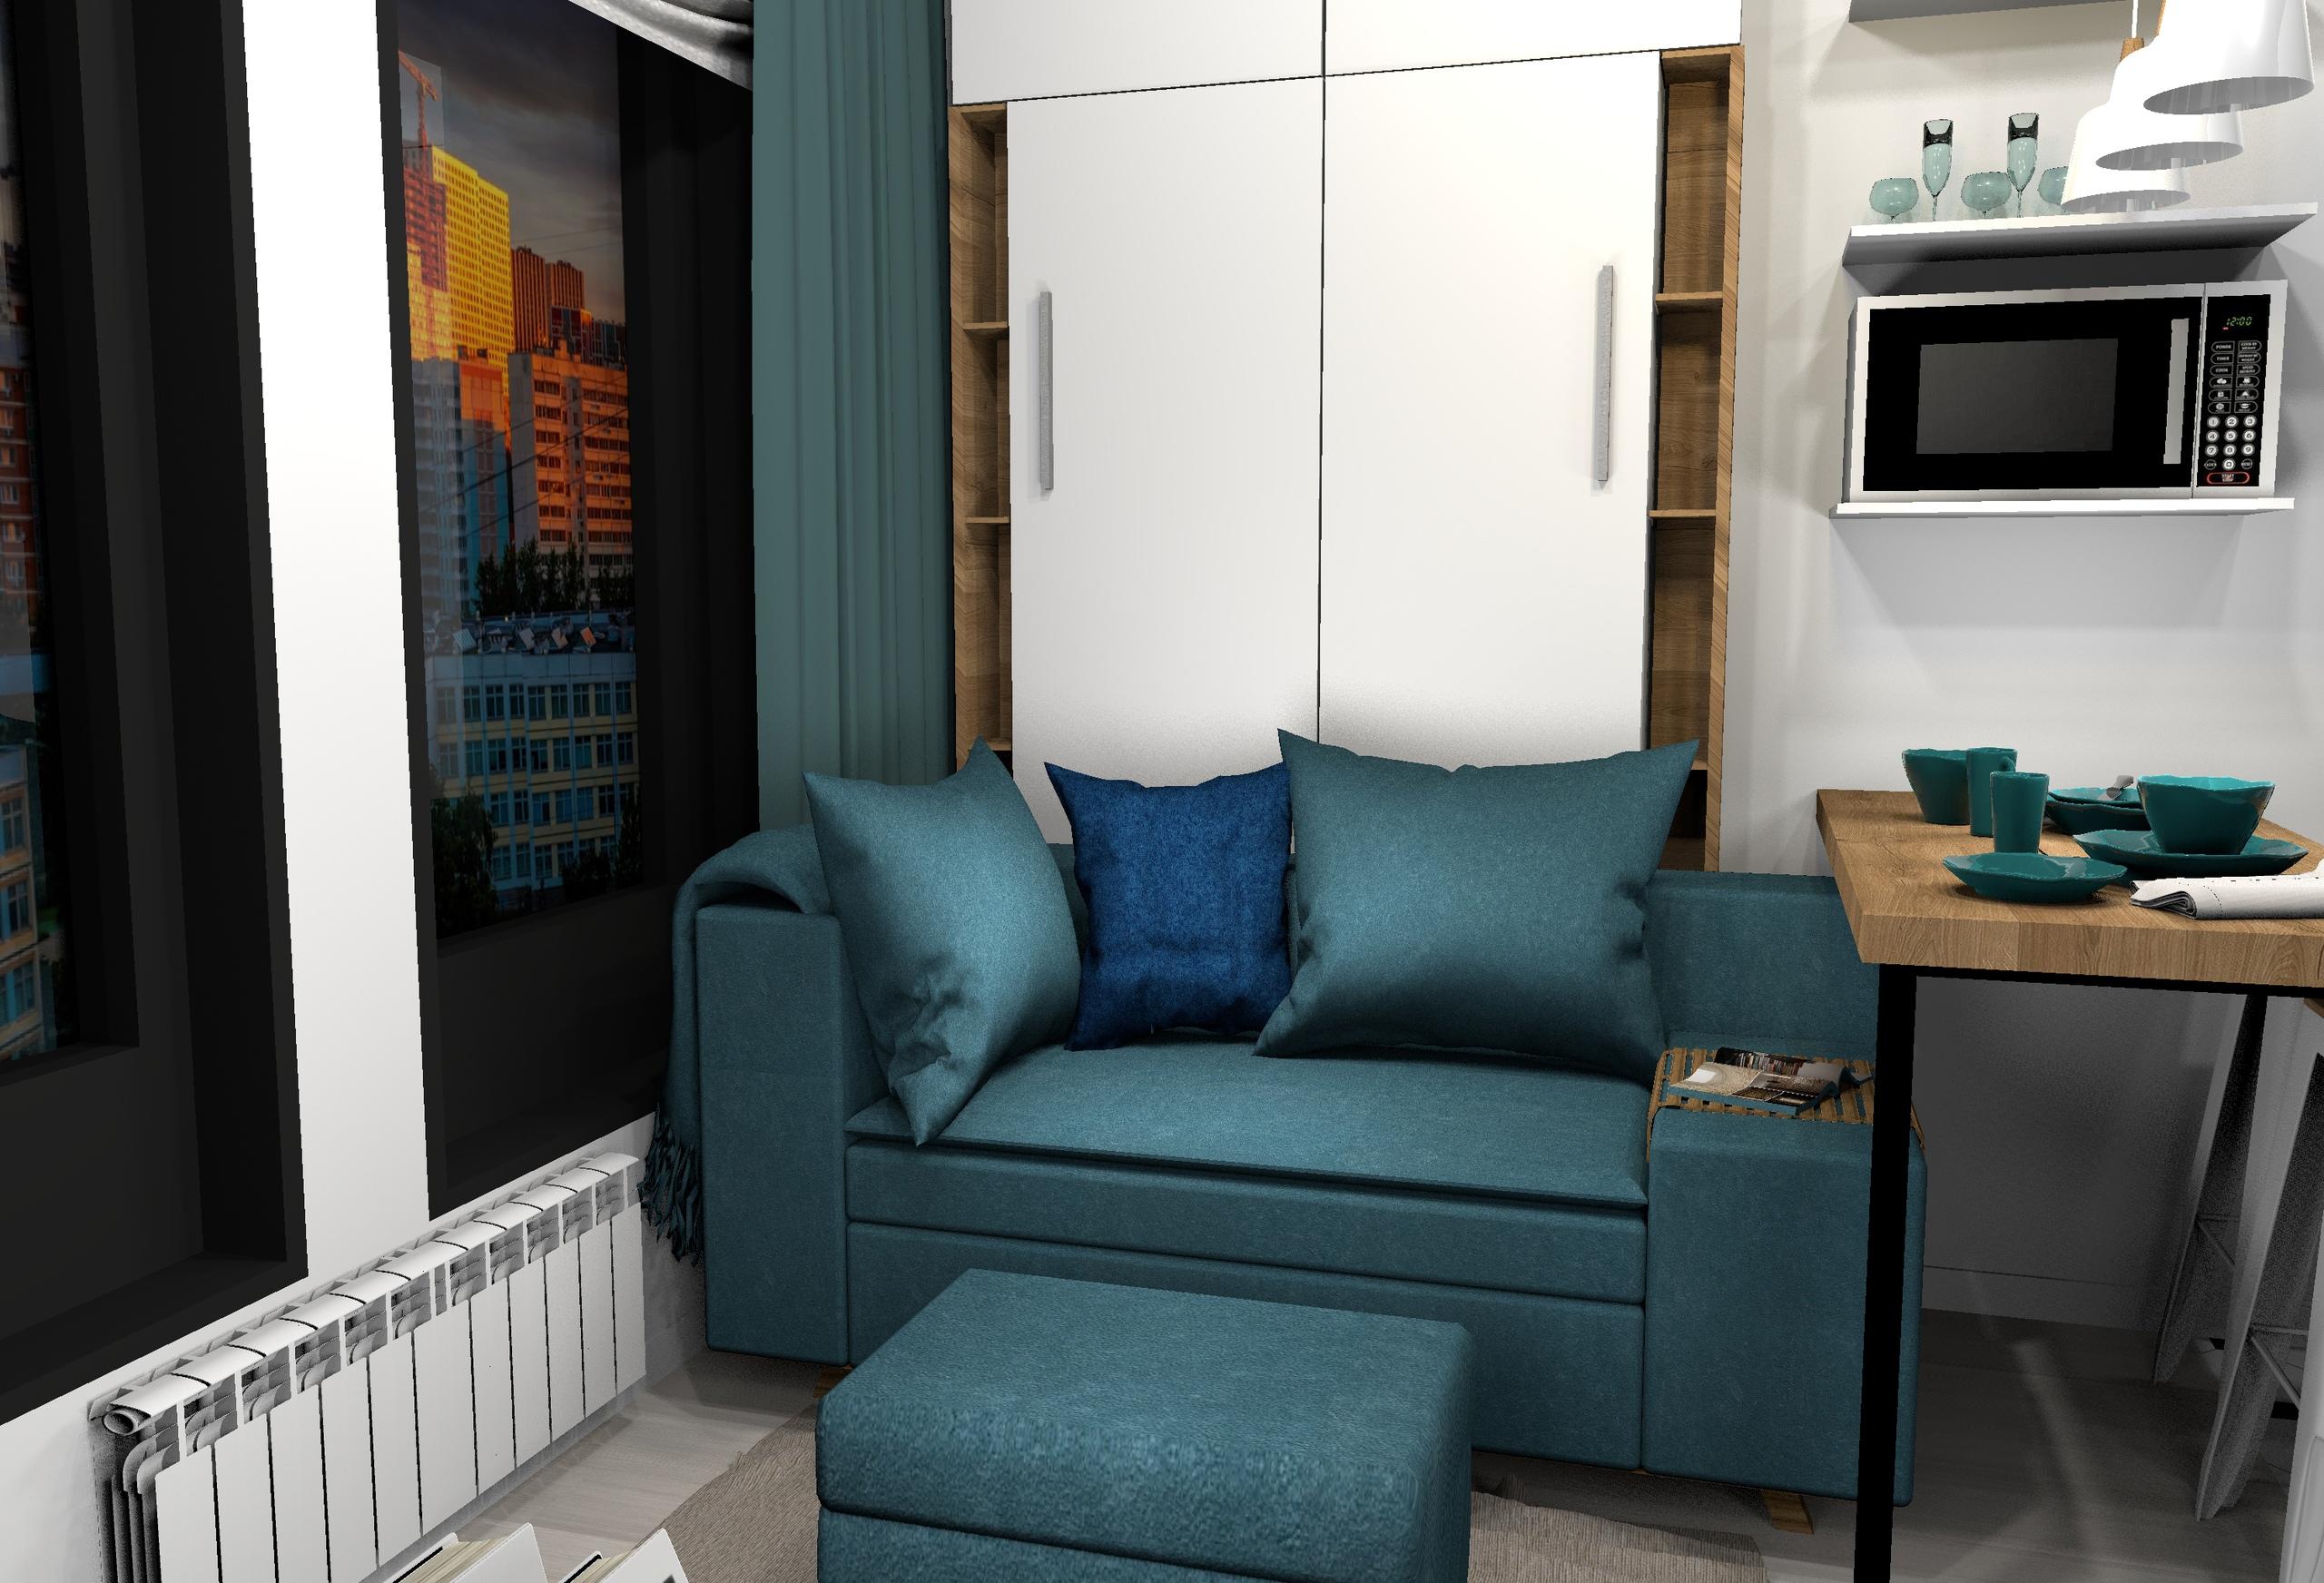 Проект маленькой, но уютной студии, жилые апартаменты 20 м/2.